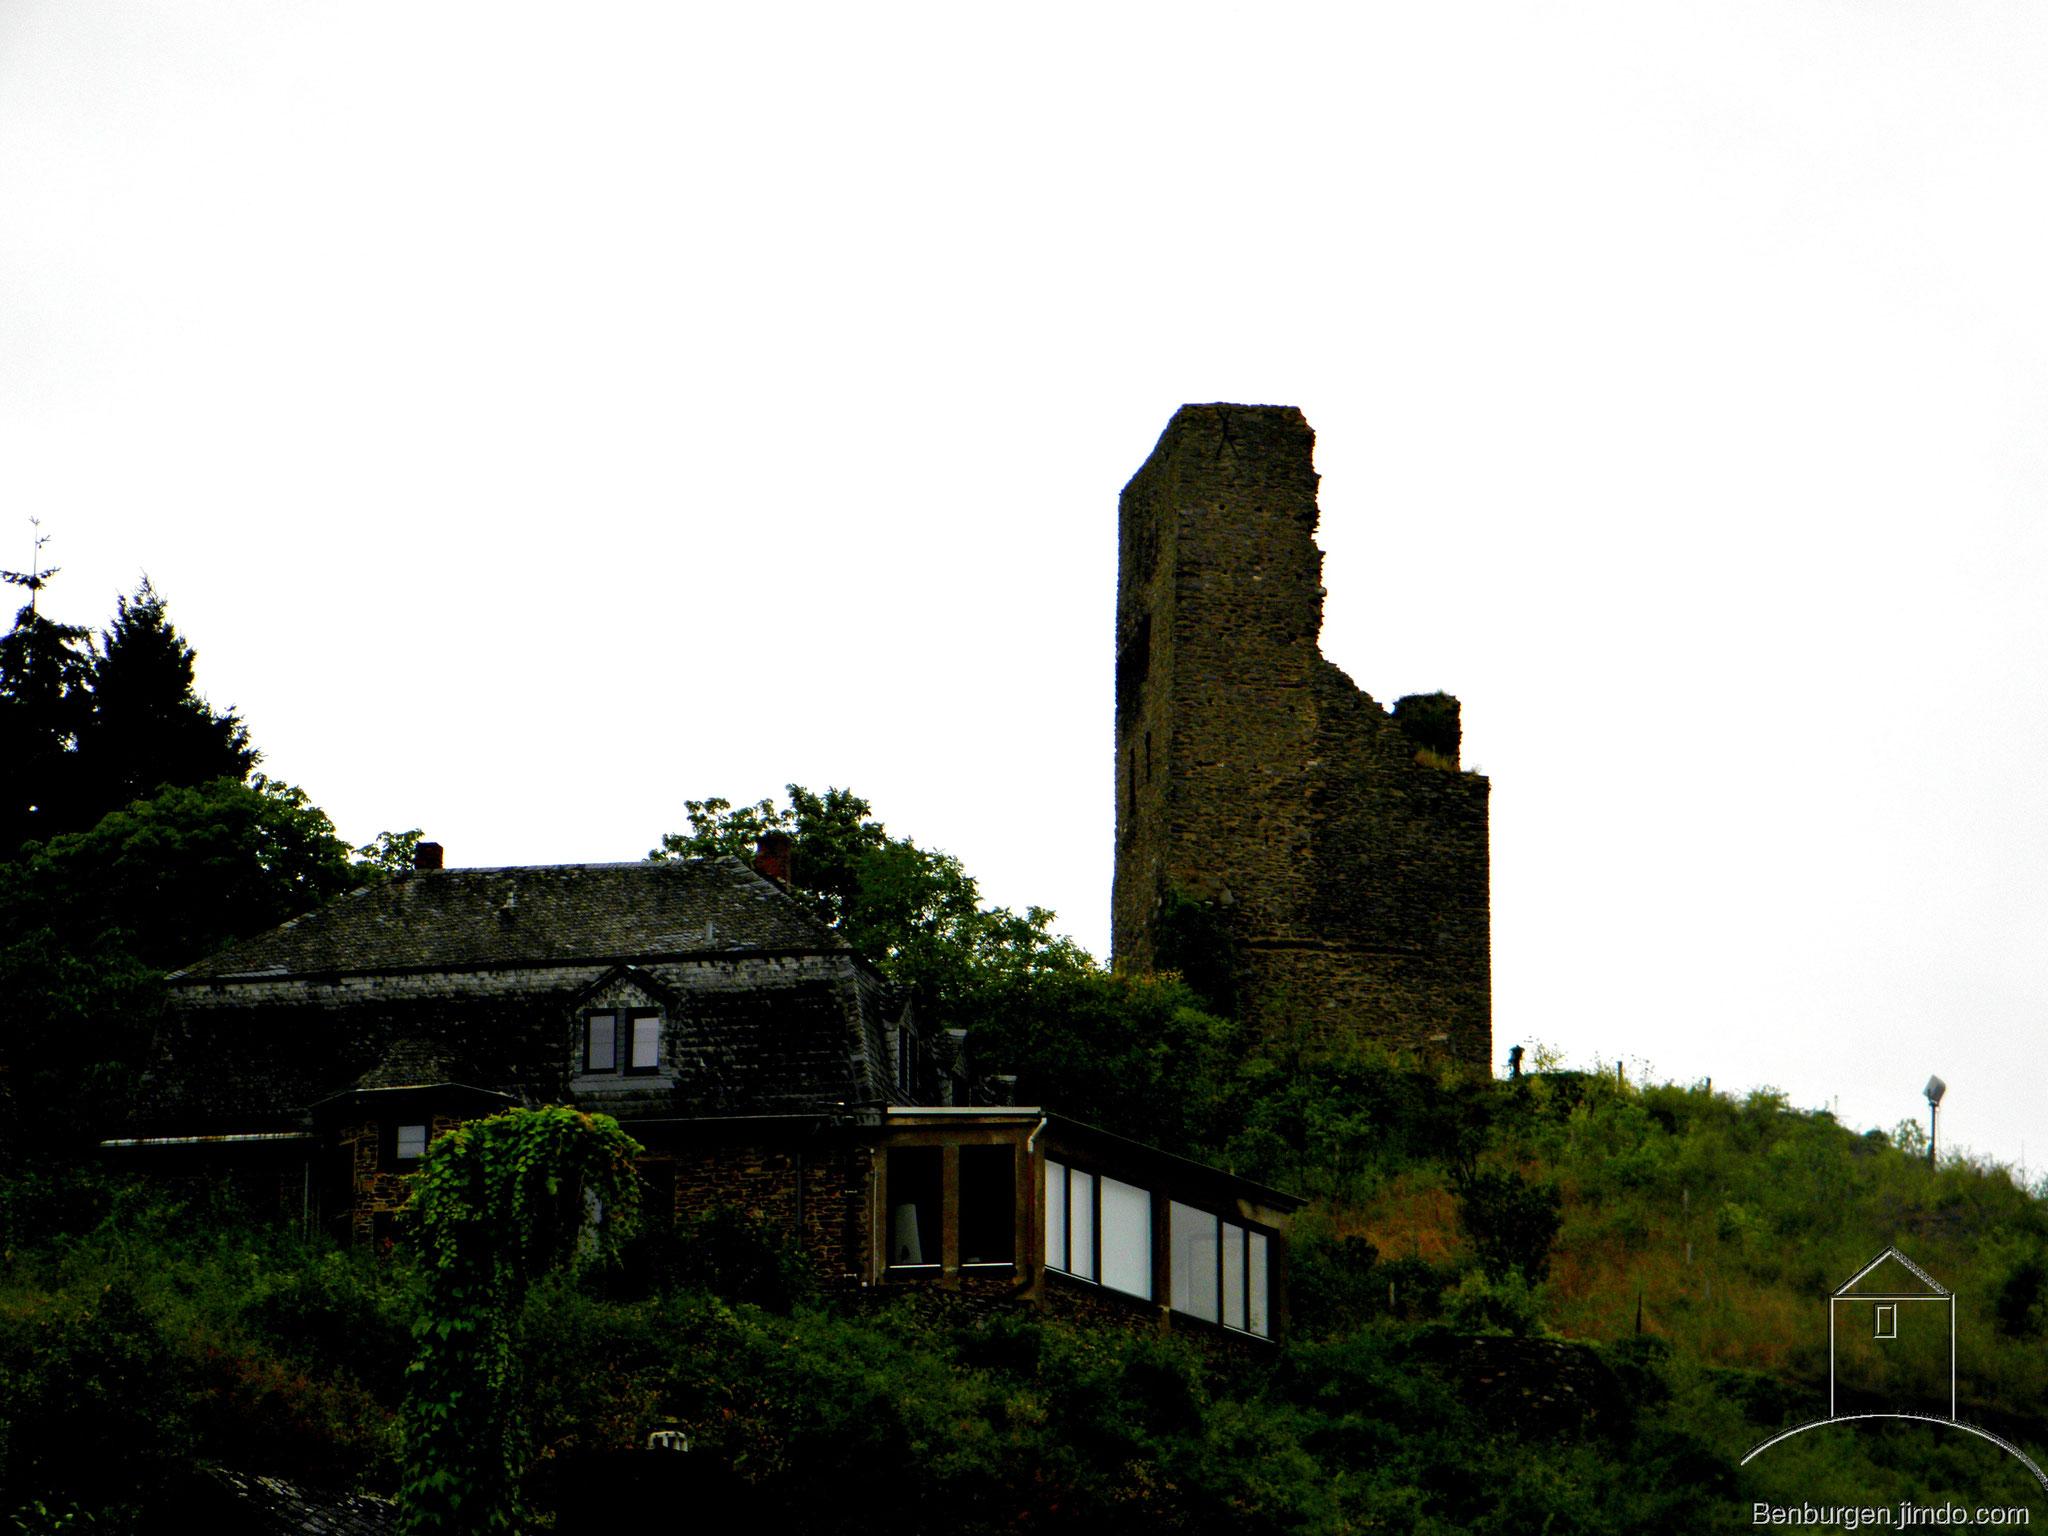 Gesamtansicht der Burg Coraidelstein.